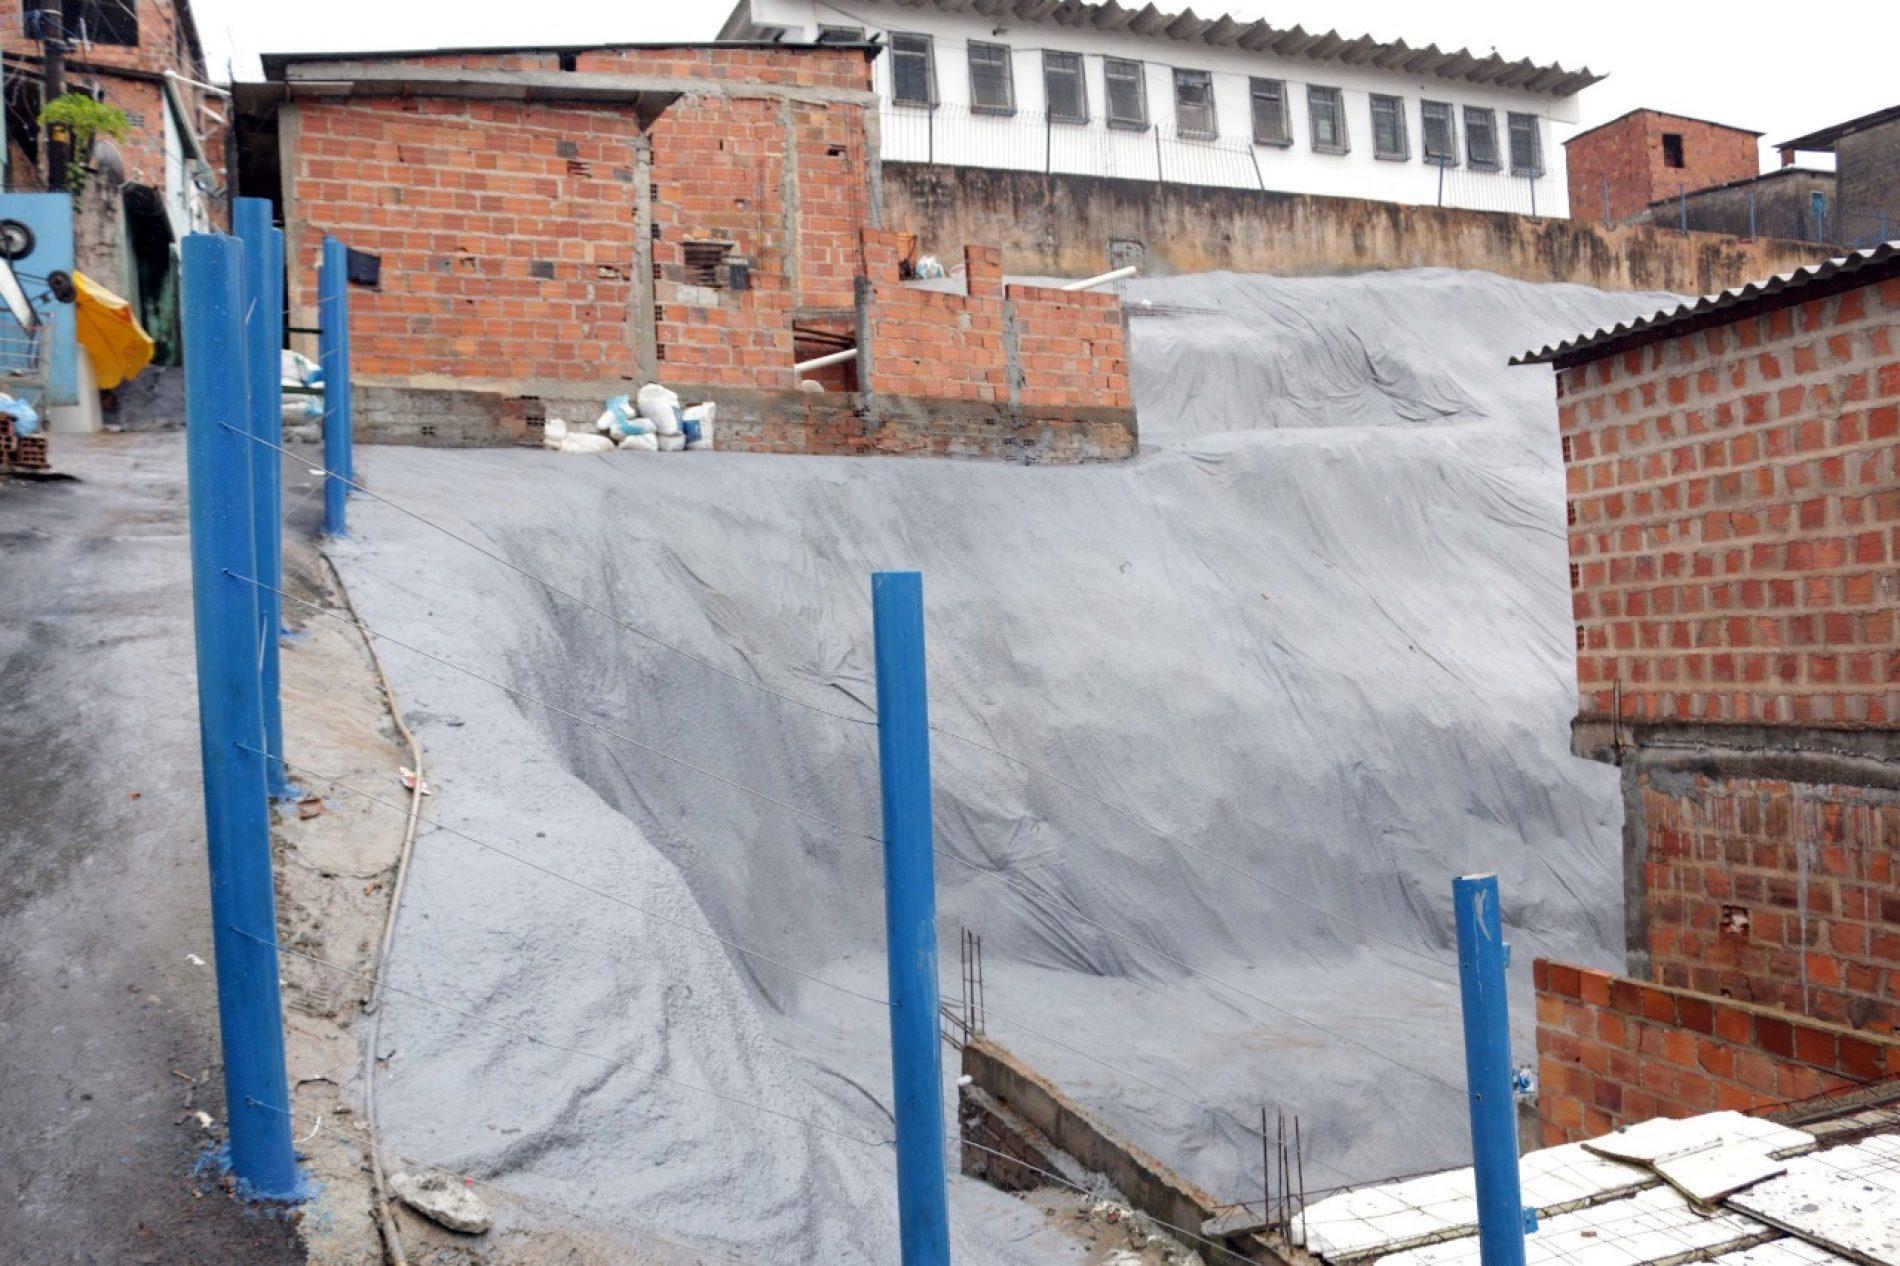 Salvador: Prefeitura entrega geomanta em Santa Cruz nesta terça